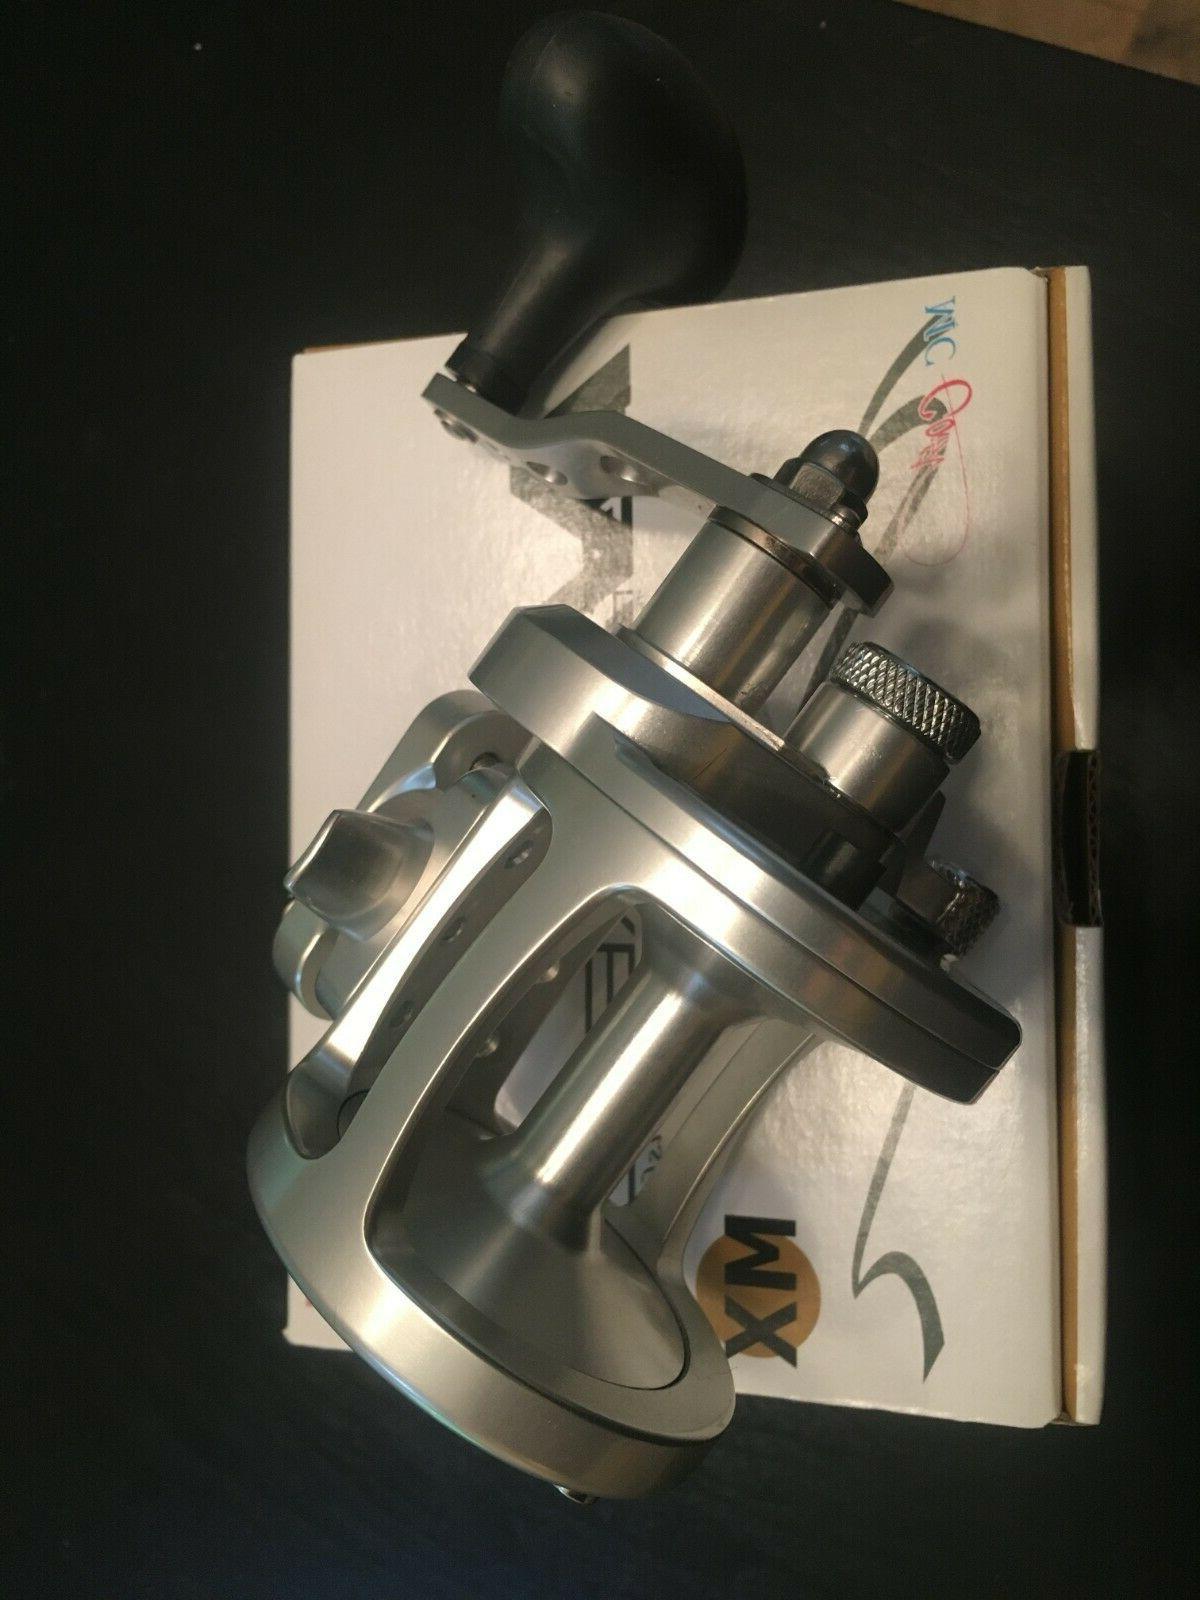 Avet MXL 5.8 Cast Fishing Reel Demo Model